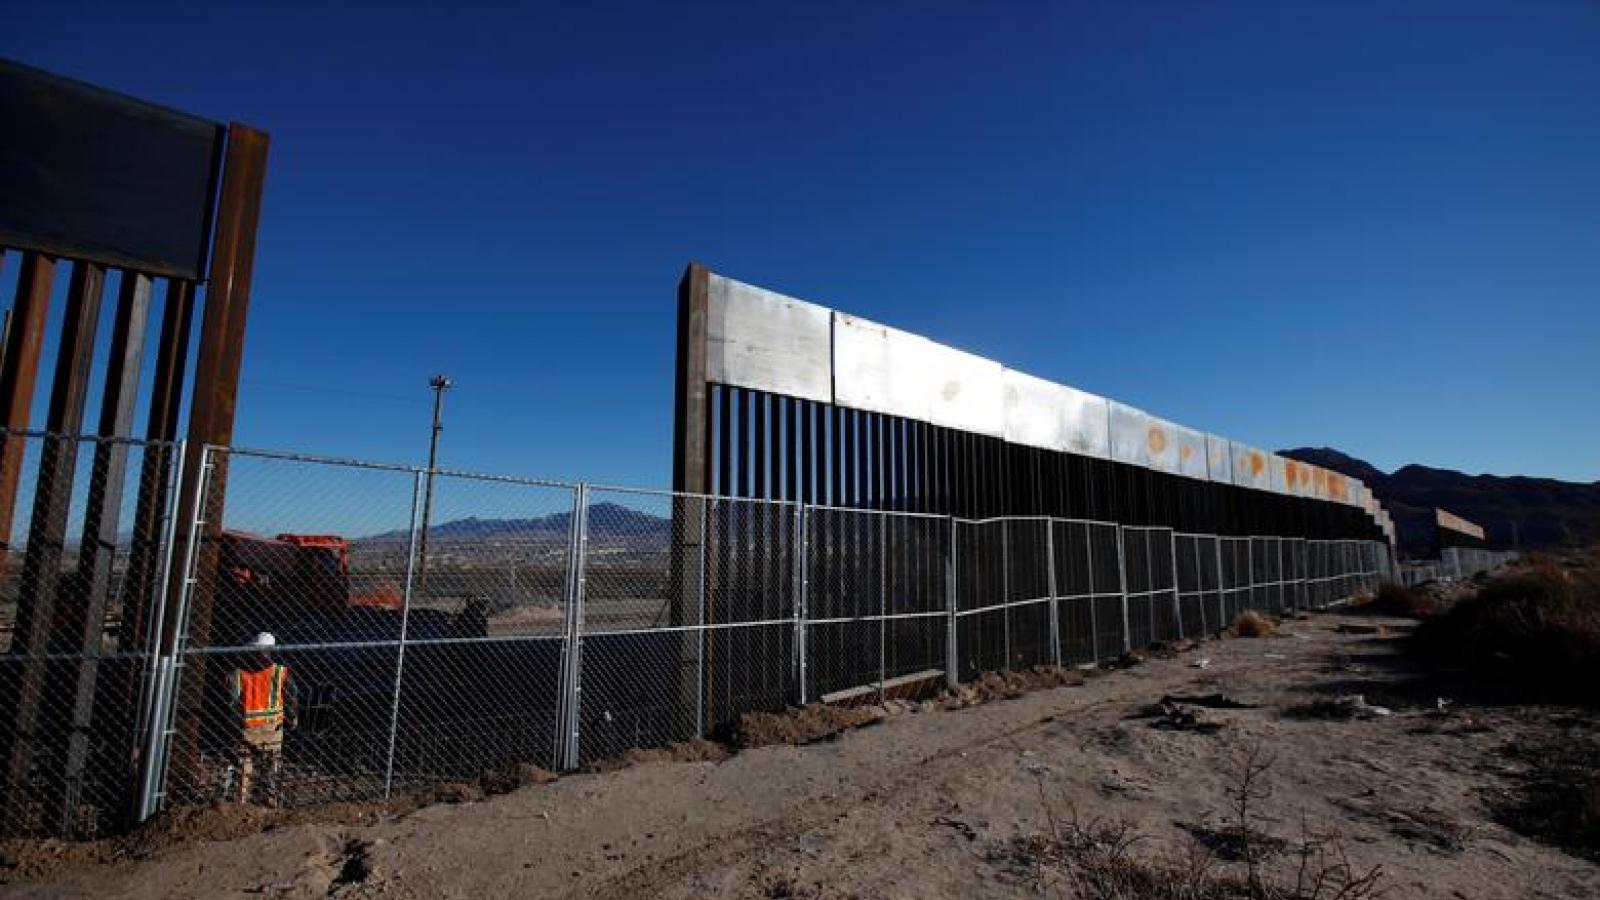 """Tranh cãi về quyết định của Tổng thống Biden khi hủy chính sách nhập cư """"Ở lại Mexico"""""""